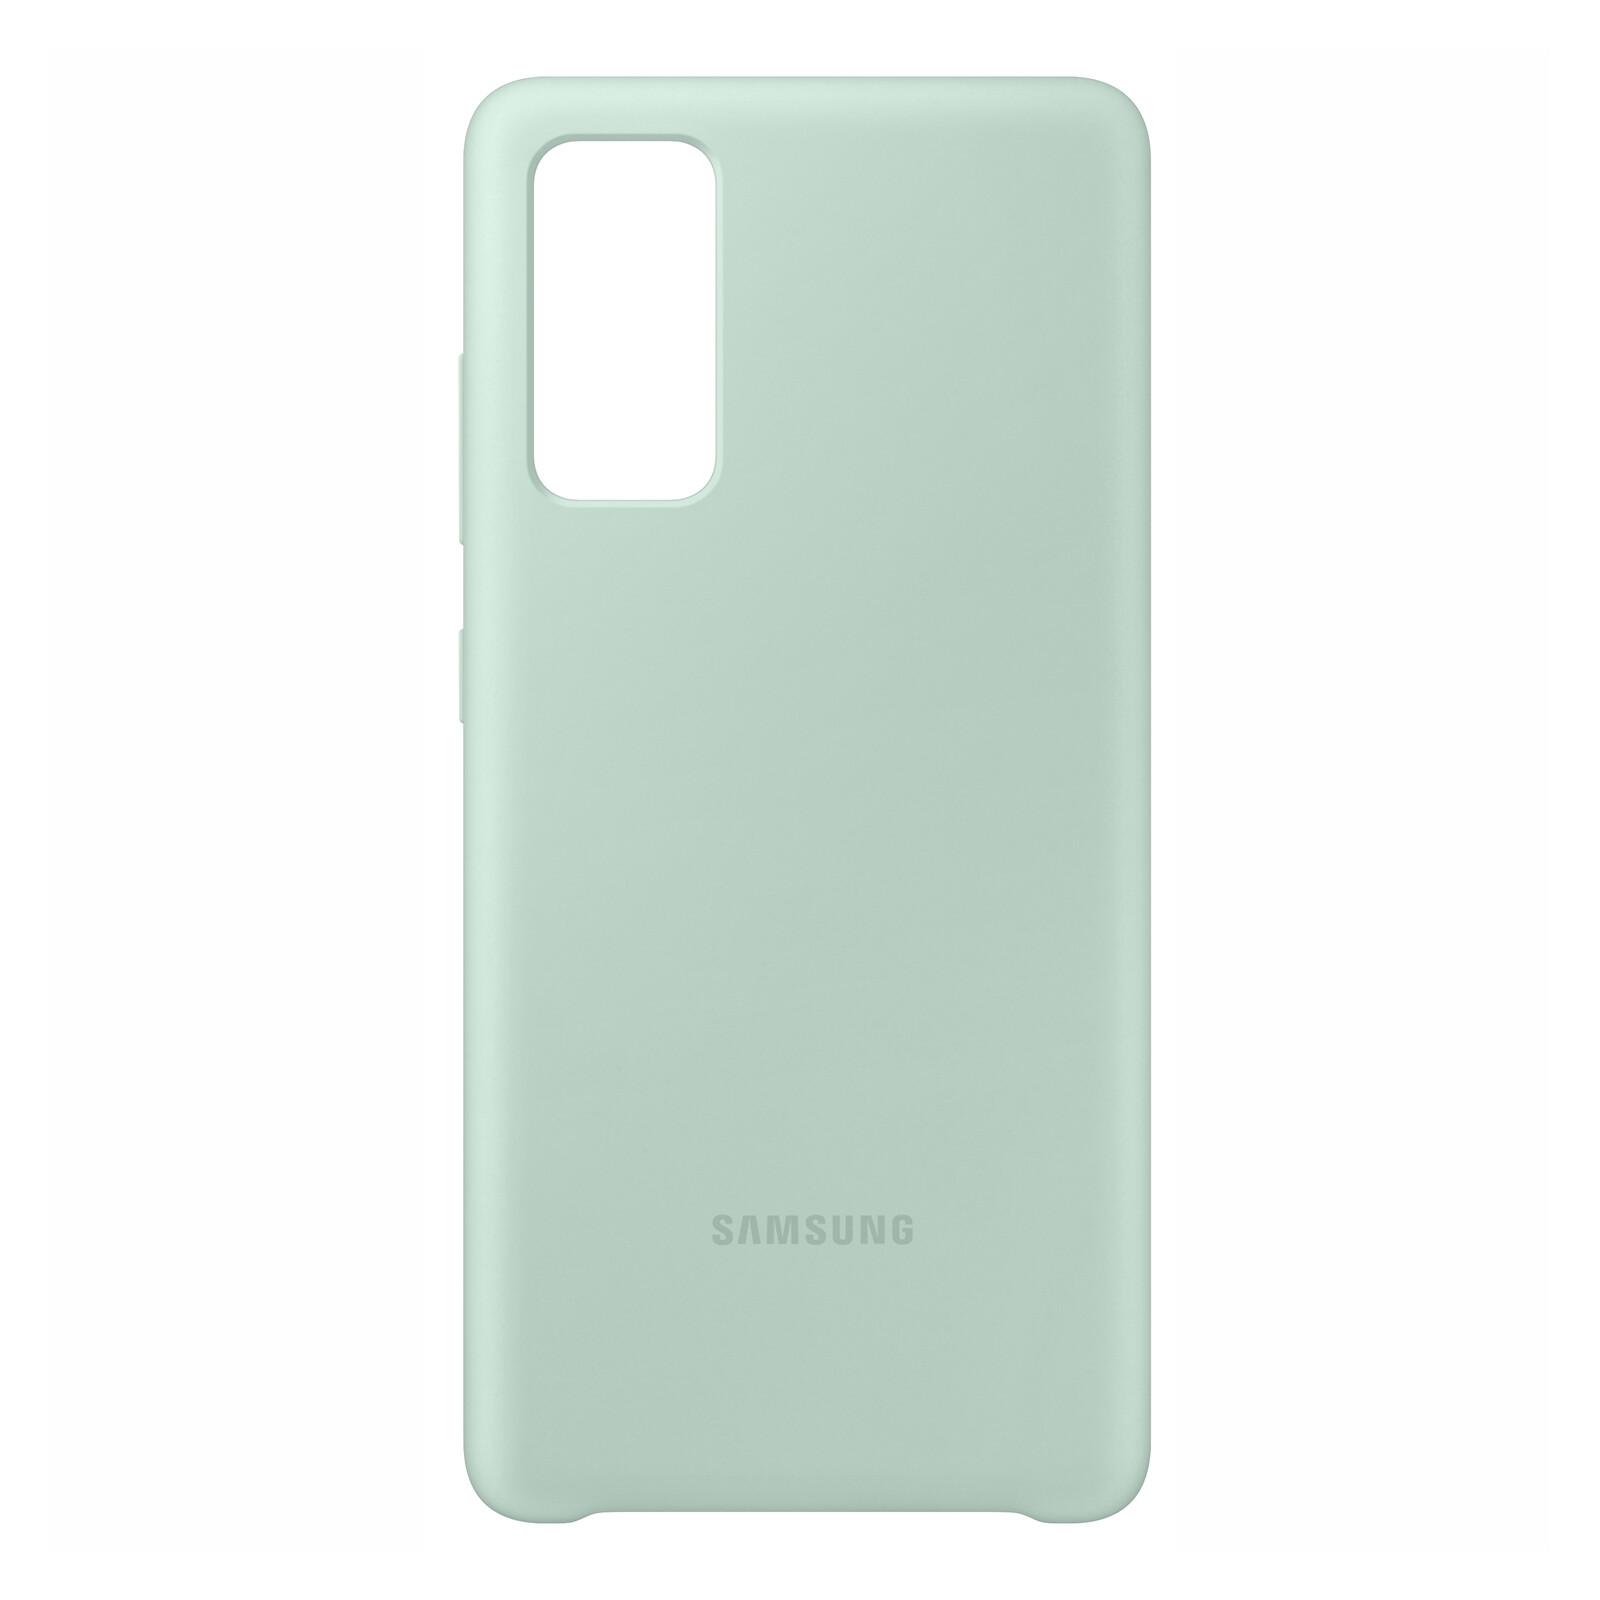 Samsung Silicone Cover Galaxy S20 FE minze